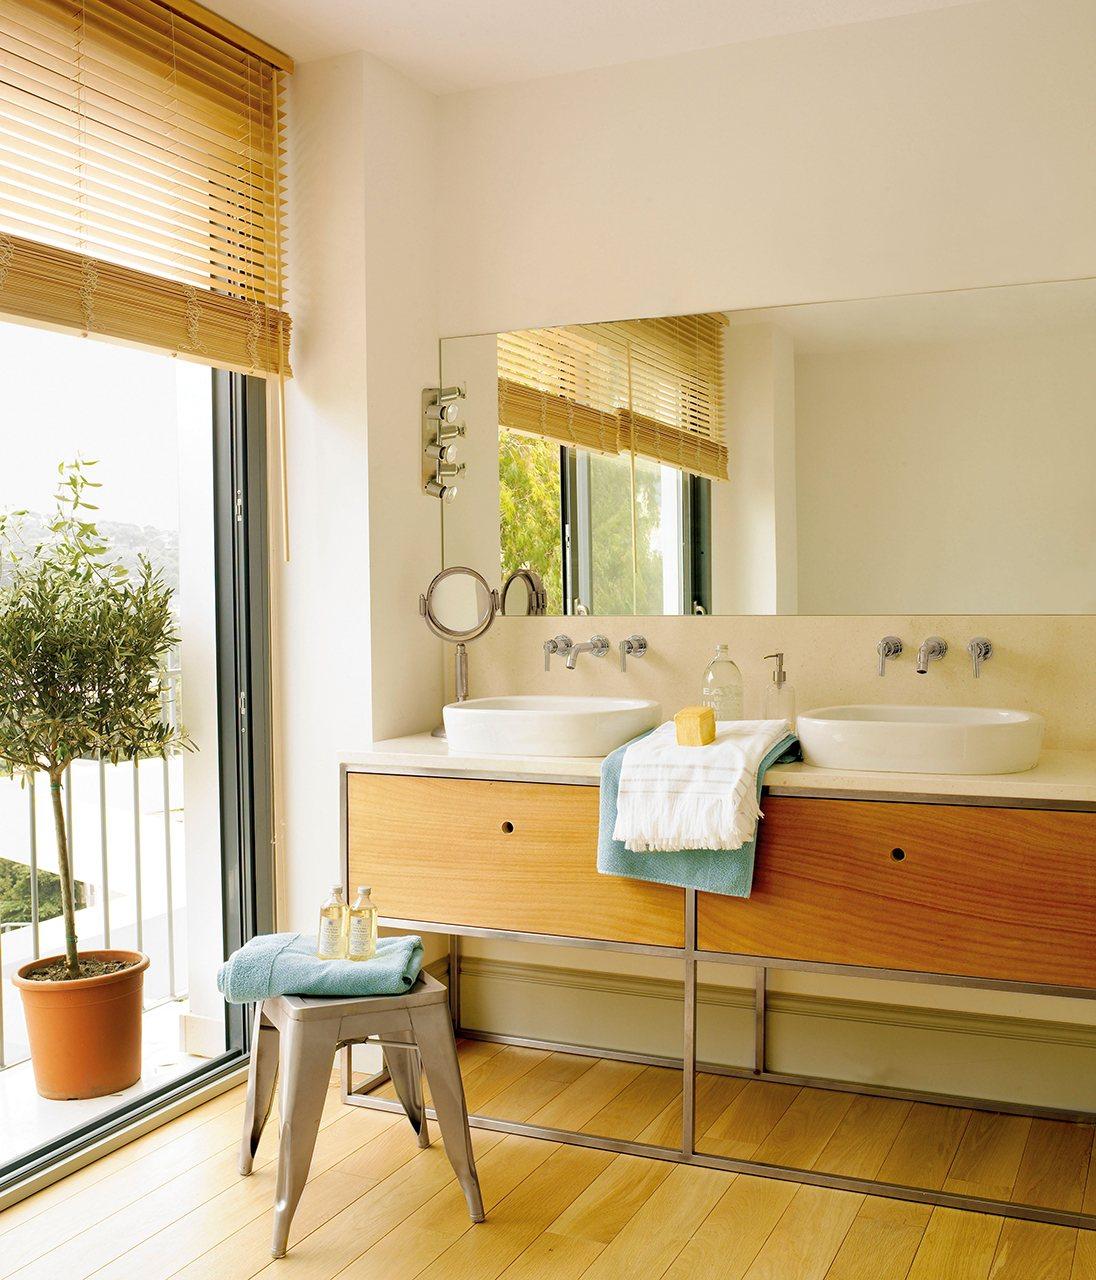 Limpiar el bao finest qu productos de limpieza usar en el - Como limpiar paredes blancas muy sucias ...